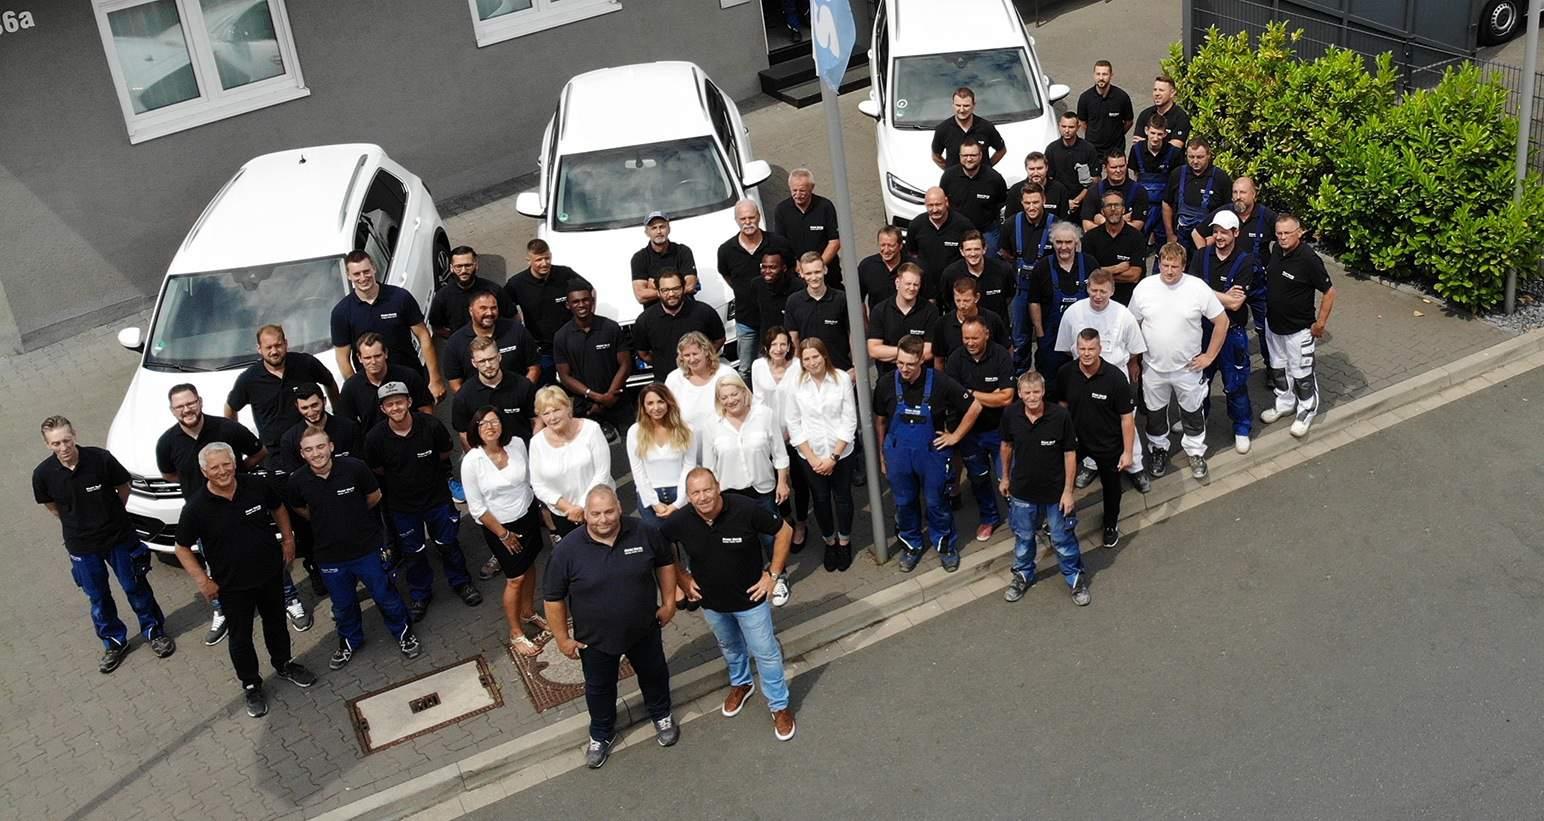 Das Team von Peter Barth Wuppertal aus der Luft